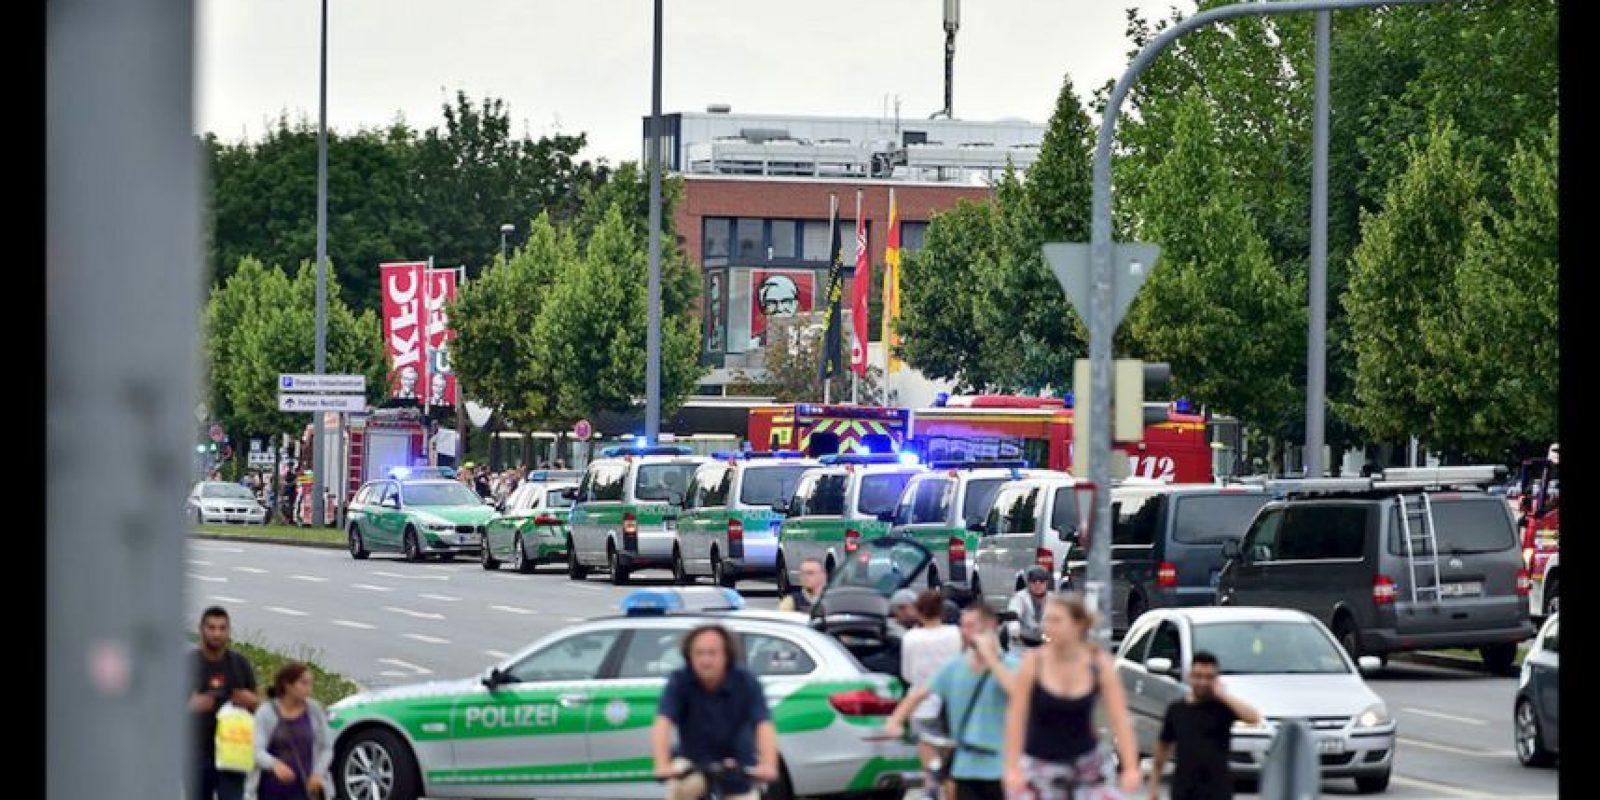 La misma Policía no ha logrado identificar a los atacantes, ni han podido establecer si es uno solo o varios. De acuerdo con testigos se trata de tres sospechosos. Foto:AP. Imagen Por: